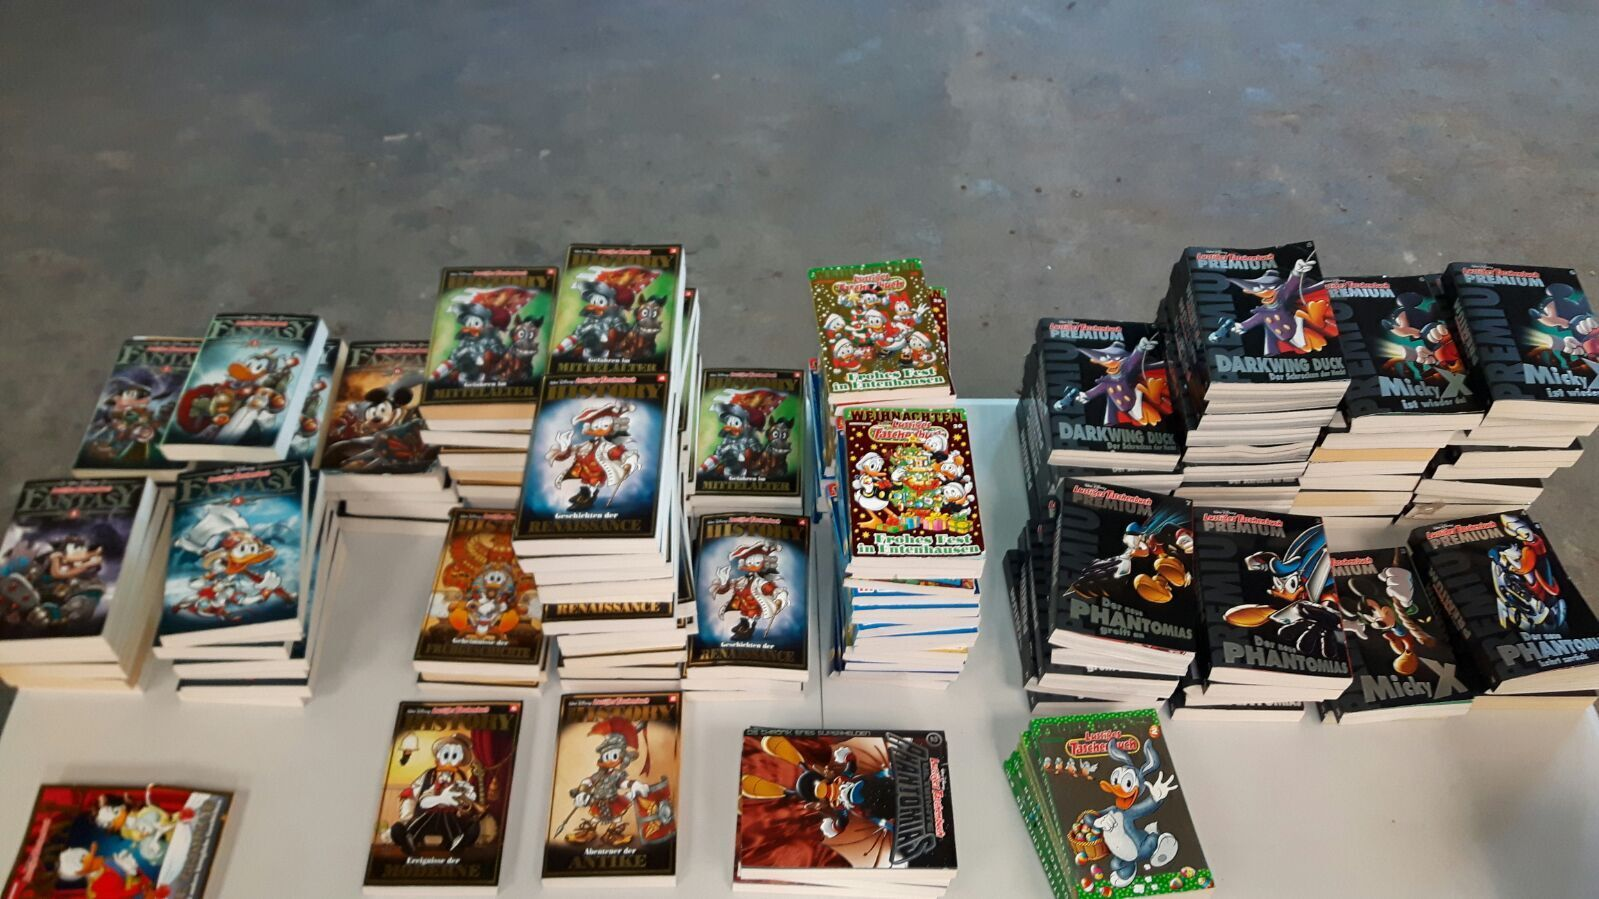 Comic Sammlung 30 LTB Premium History Fantasy Duck Maus Taschenbuch 83 509 22 18